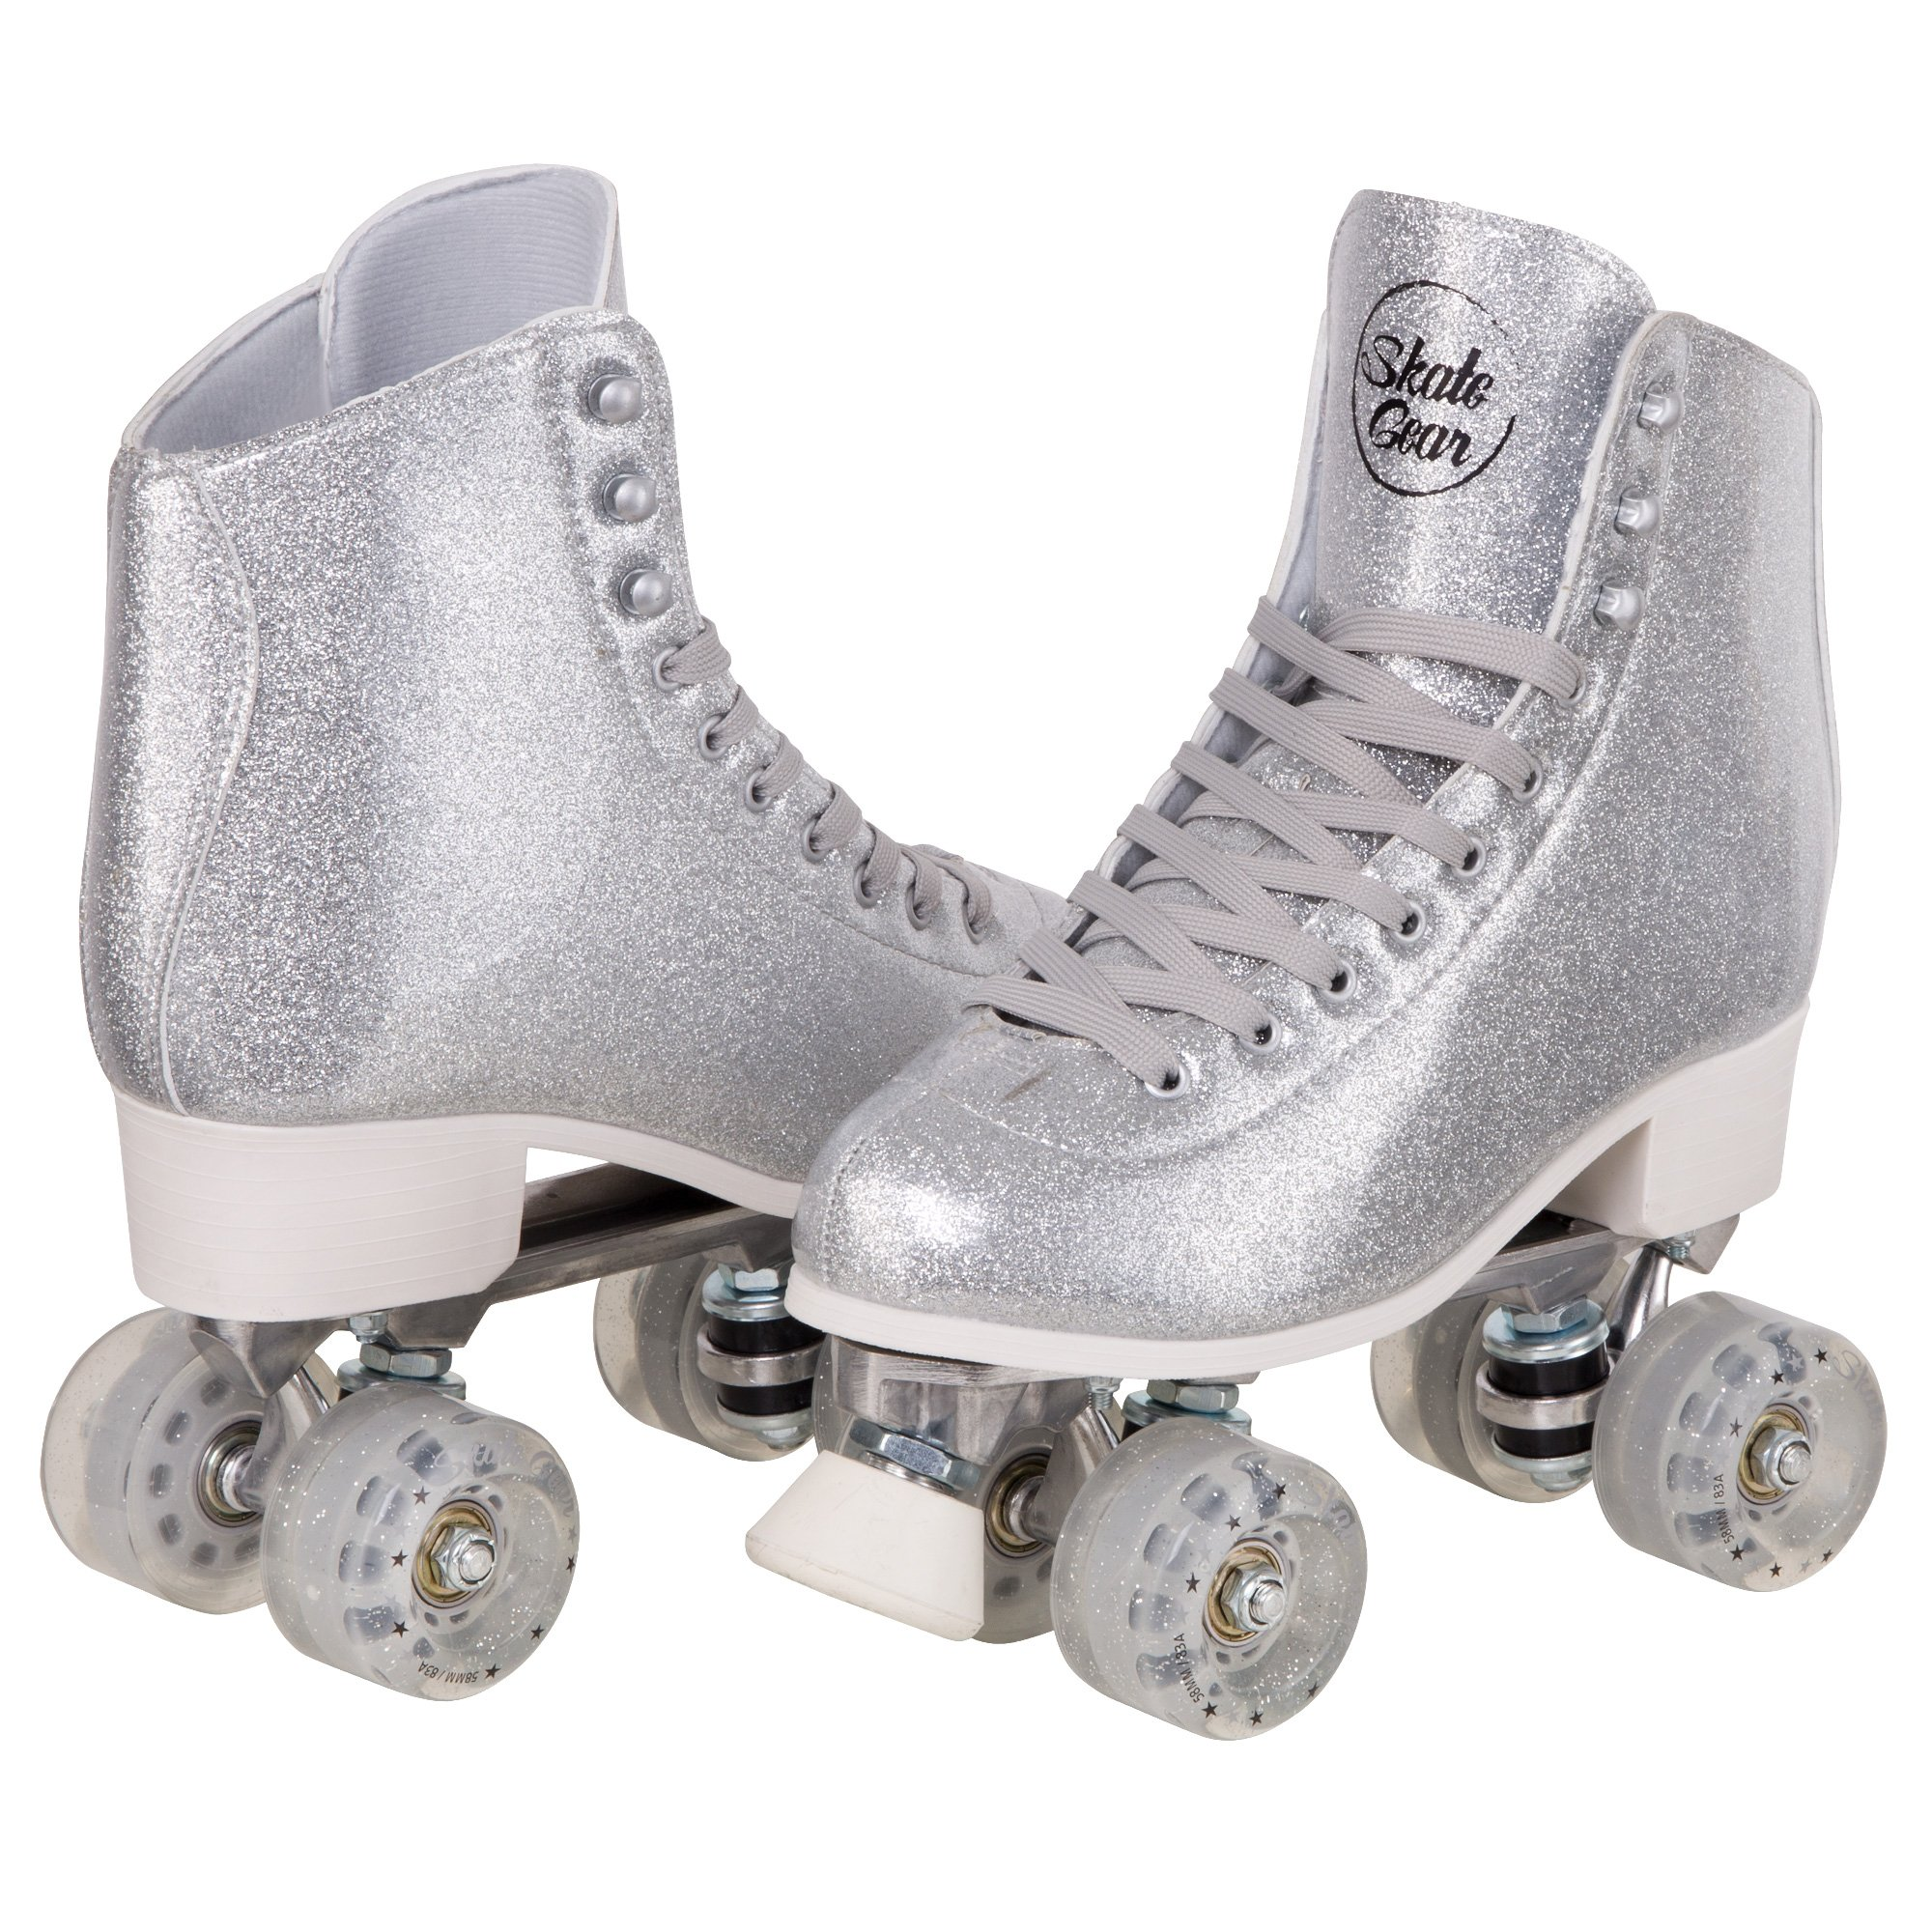 C SEVEN Skate Gear Sparkly Retro Quad Roller Skates